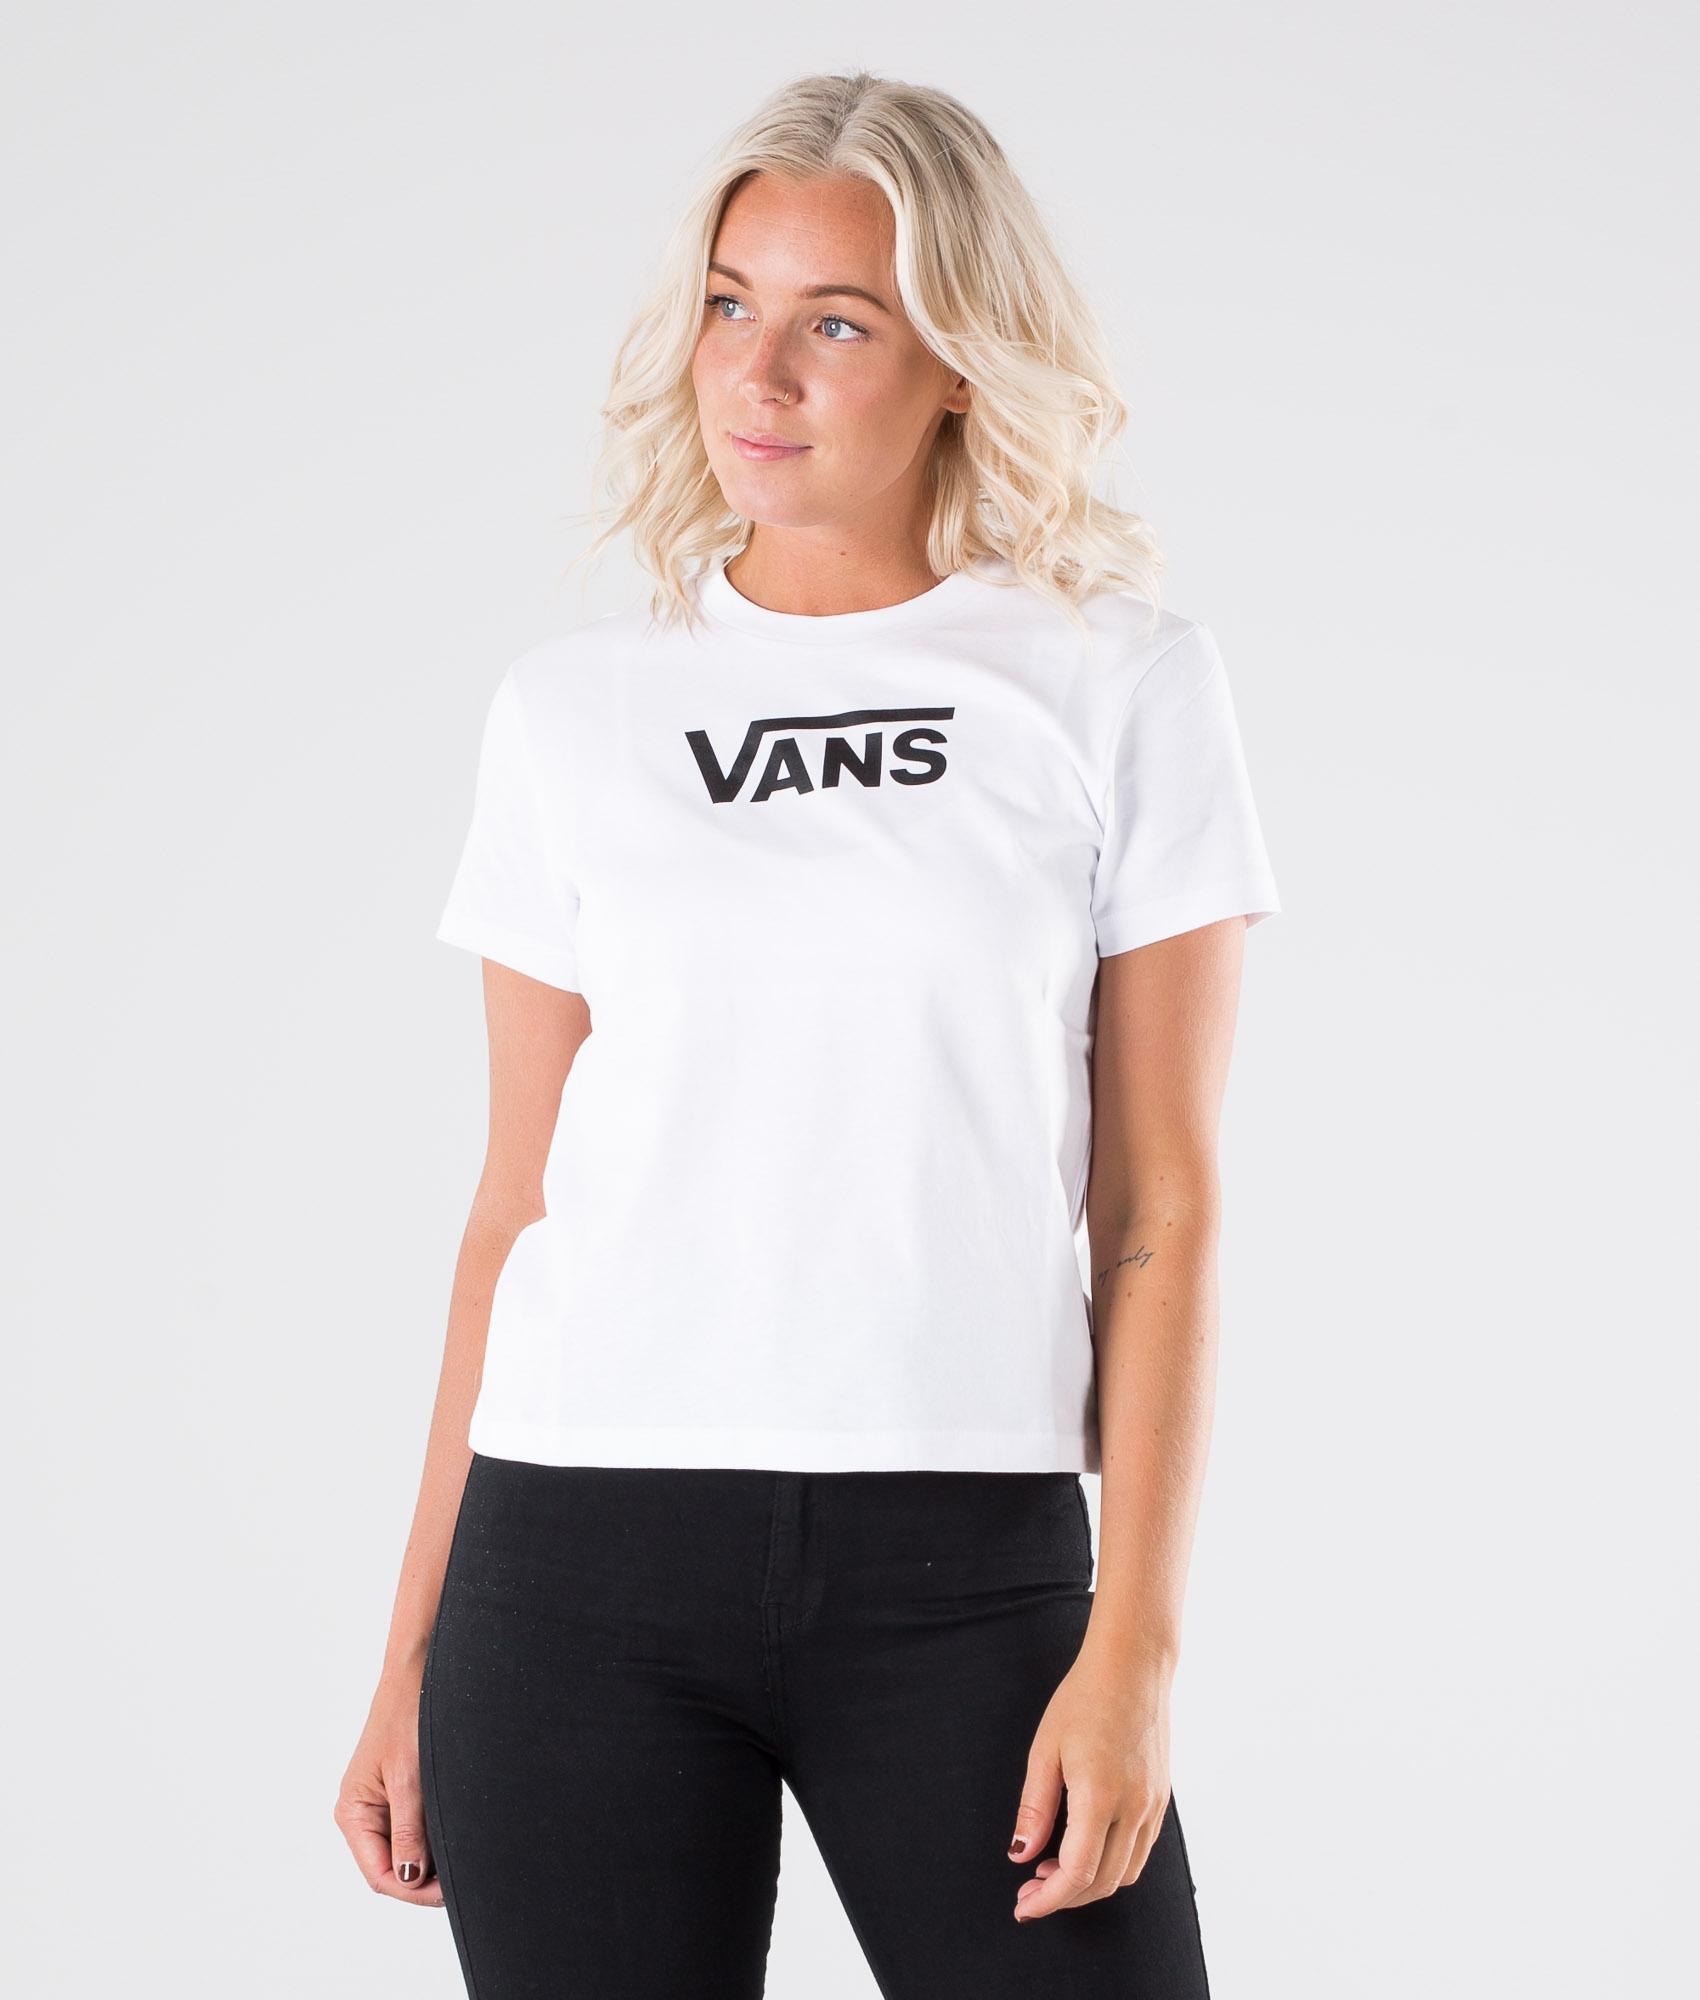 Vans Flying V Classic T Shirt White